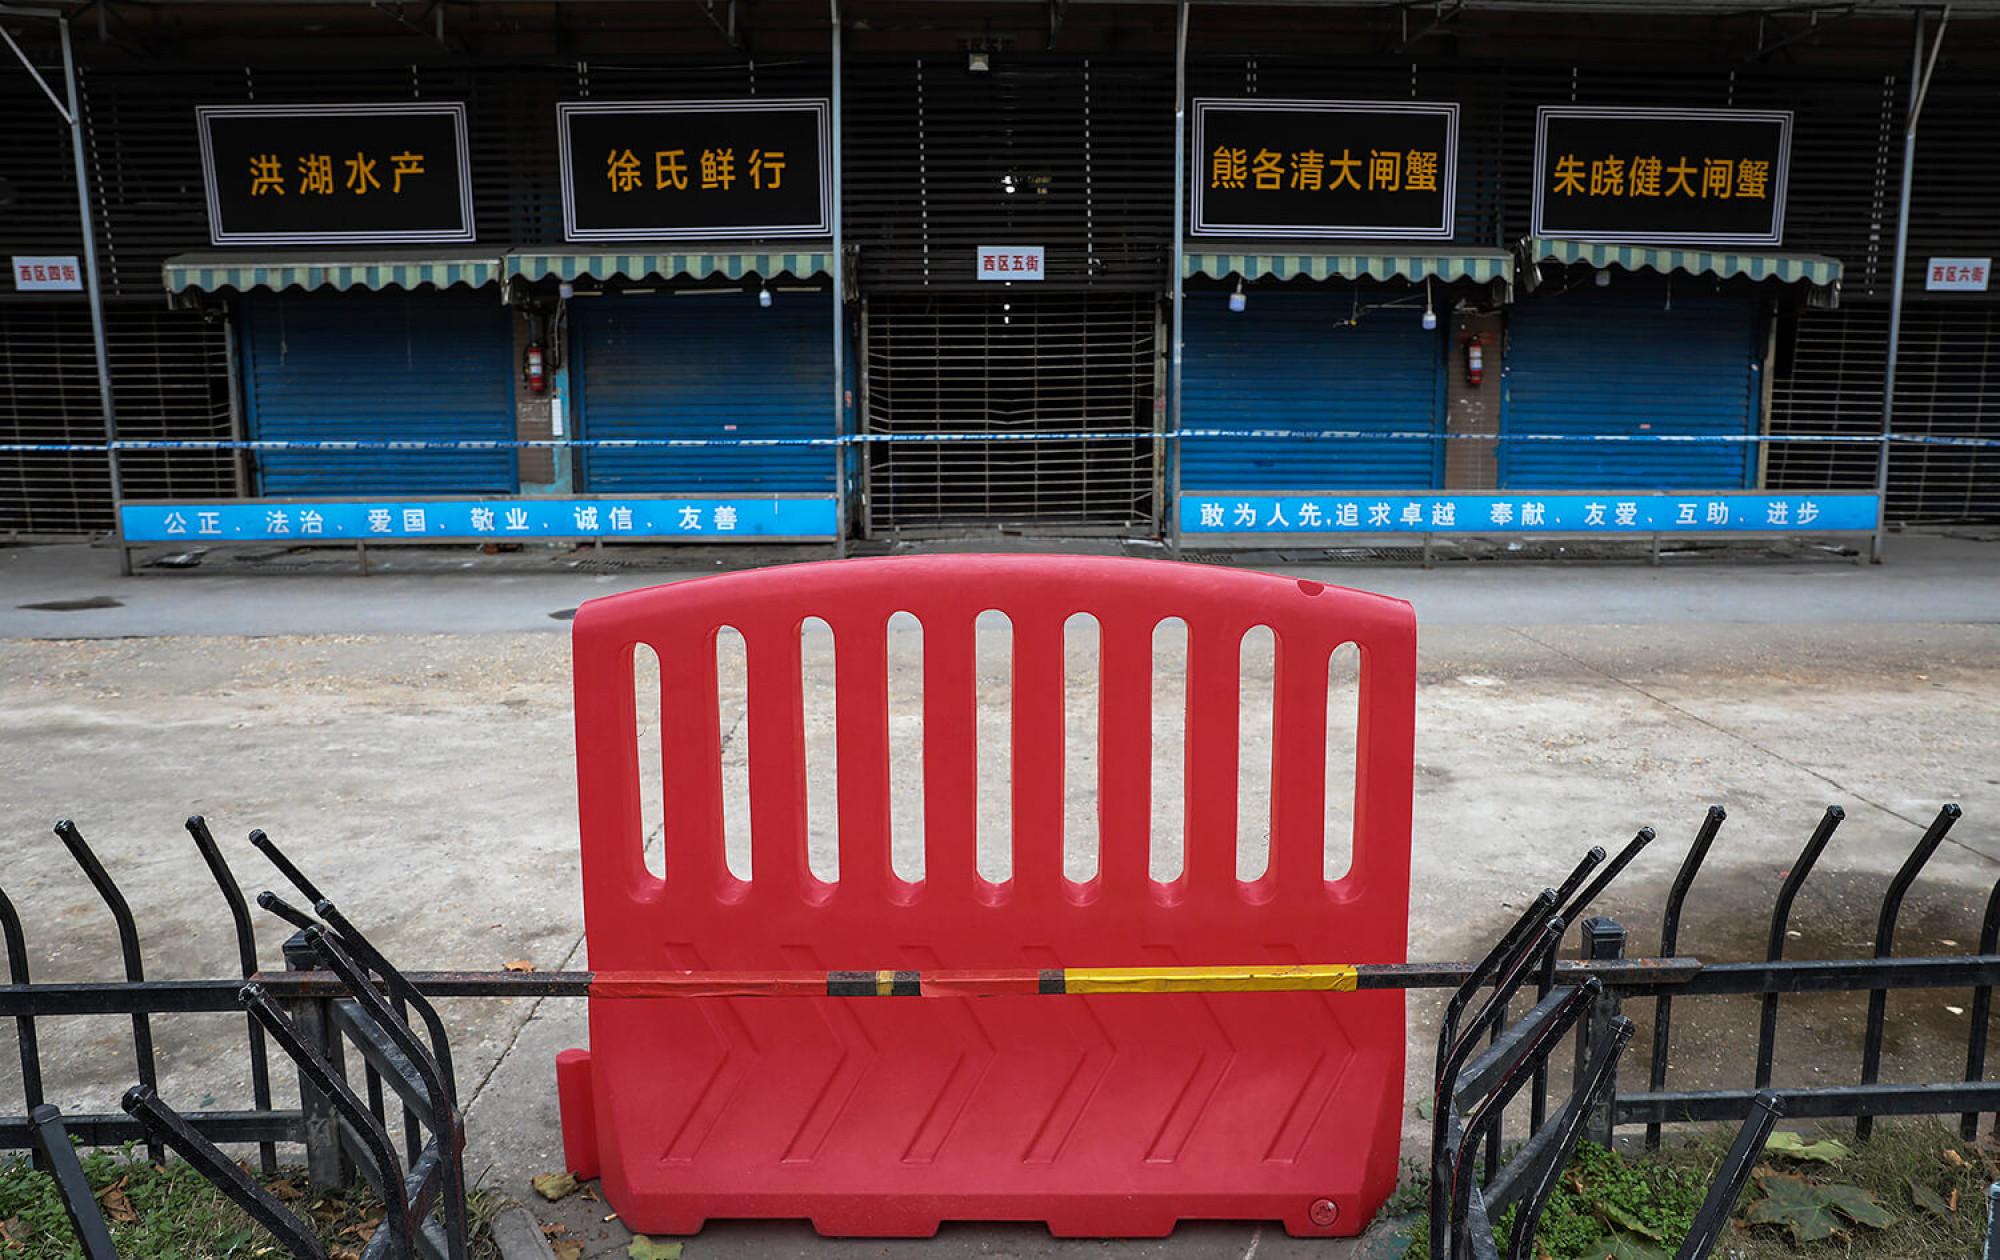 Imatge del mercat de Wuhan, el suposat origen del nou coronavirus, precintat per la policia.